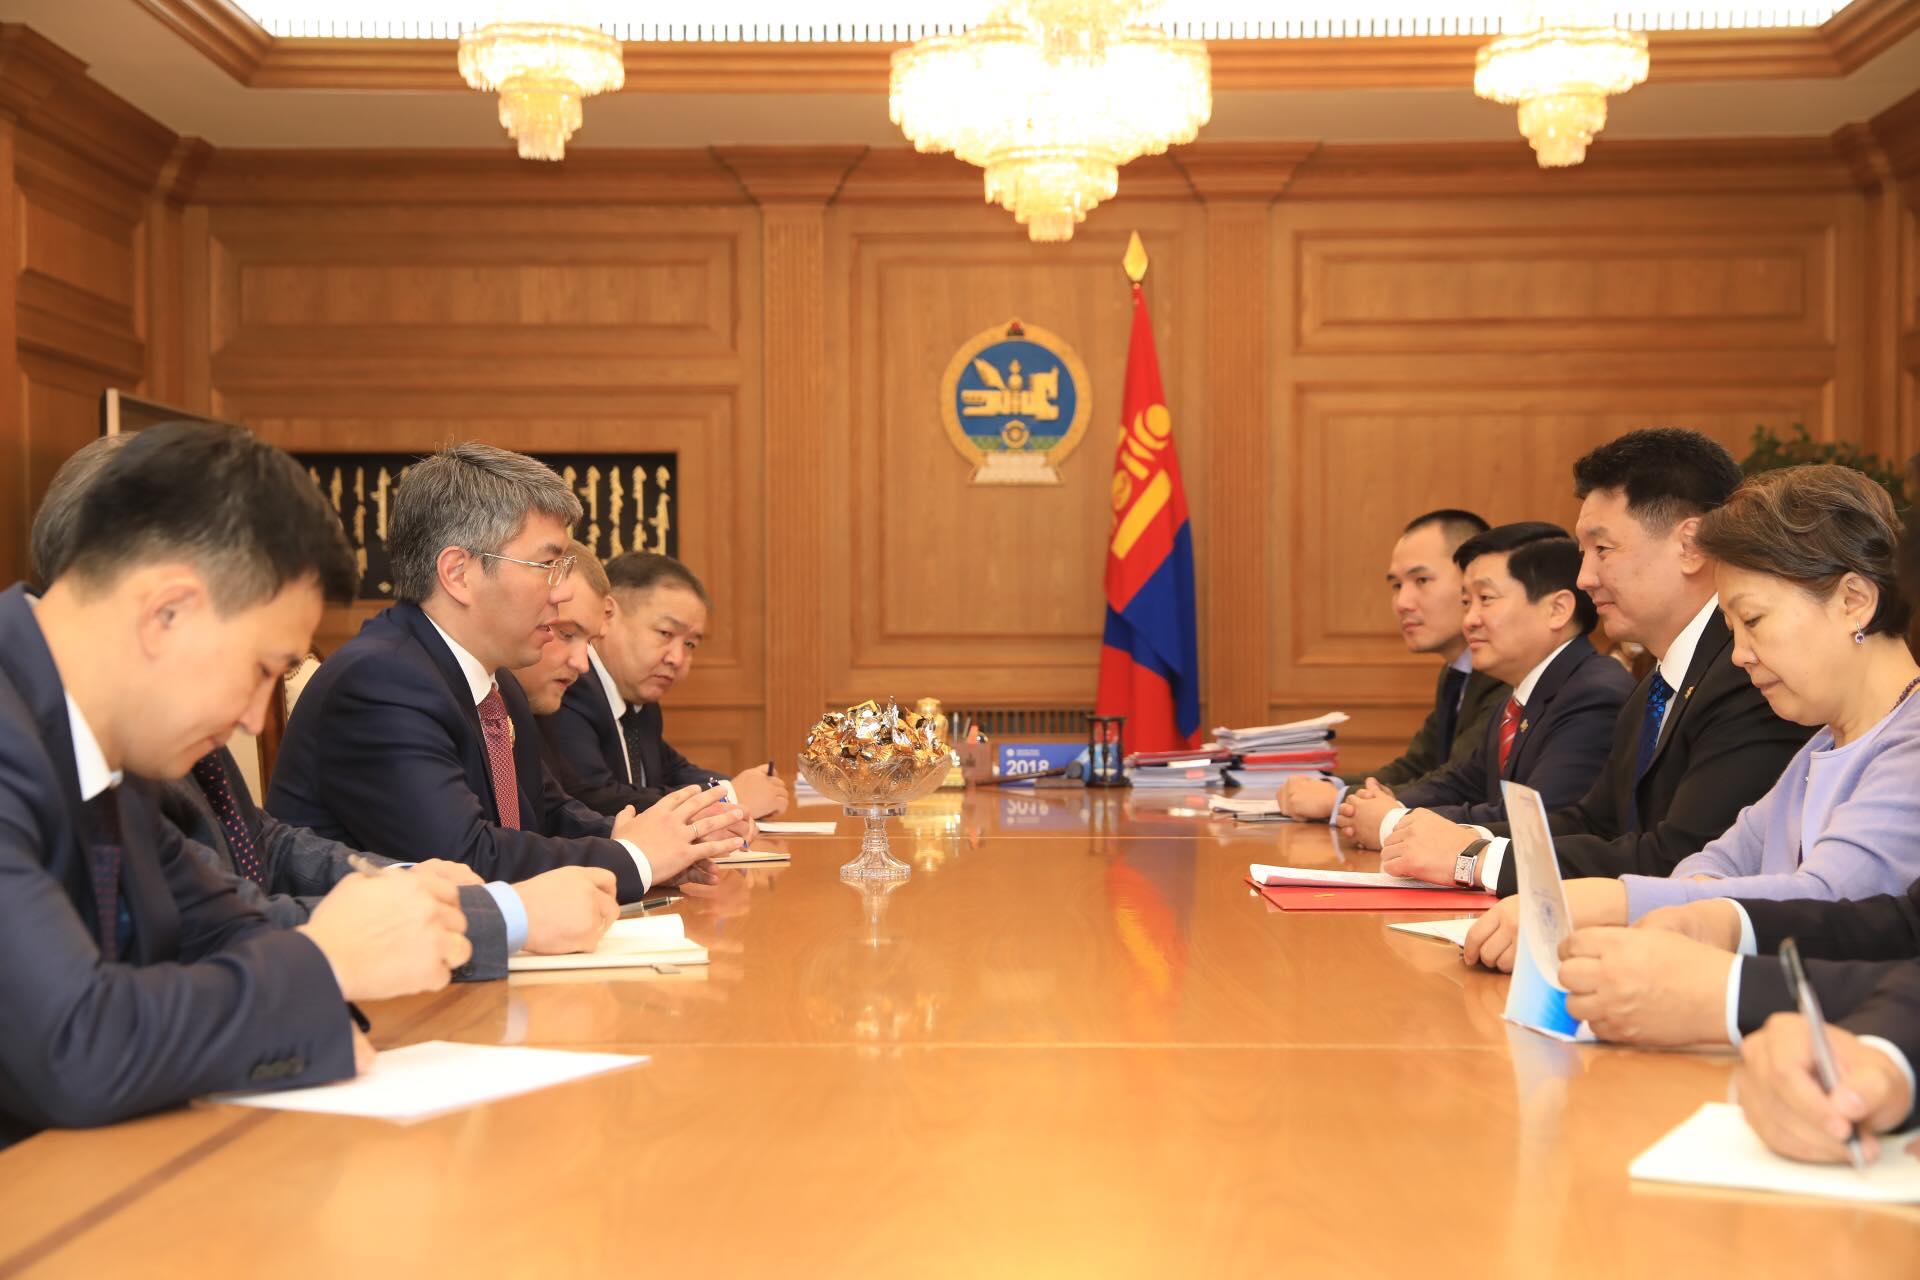 Ерөнхий сайд У.Хүрэлсүх Буриад улсын тэргүүн Цыденов Алексей Самбуевичийг хүлээн авч уулзлаа